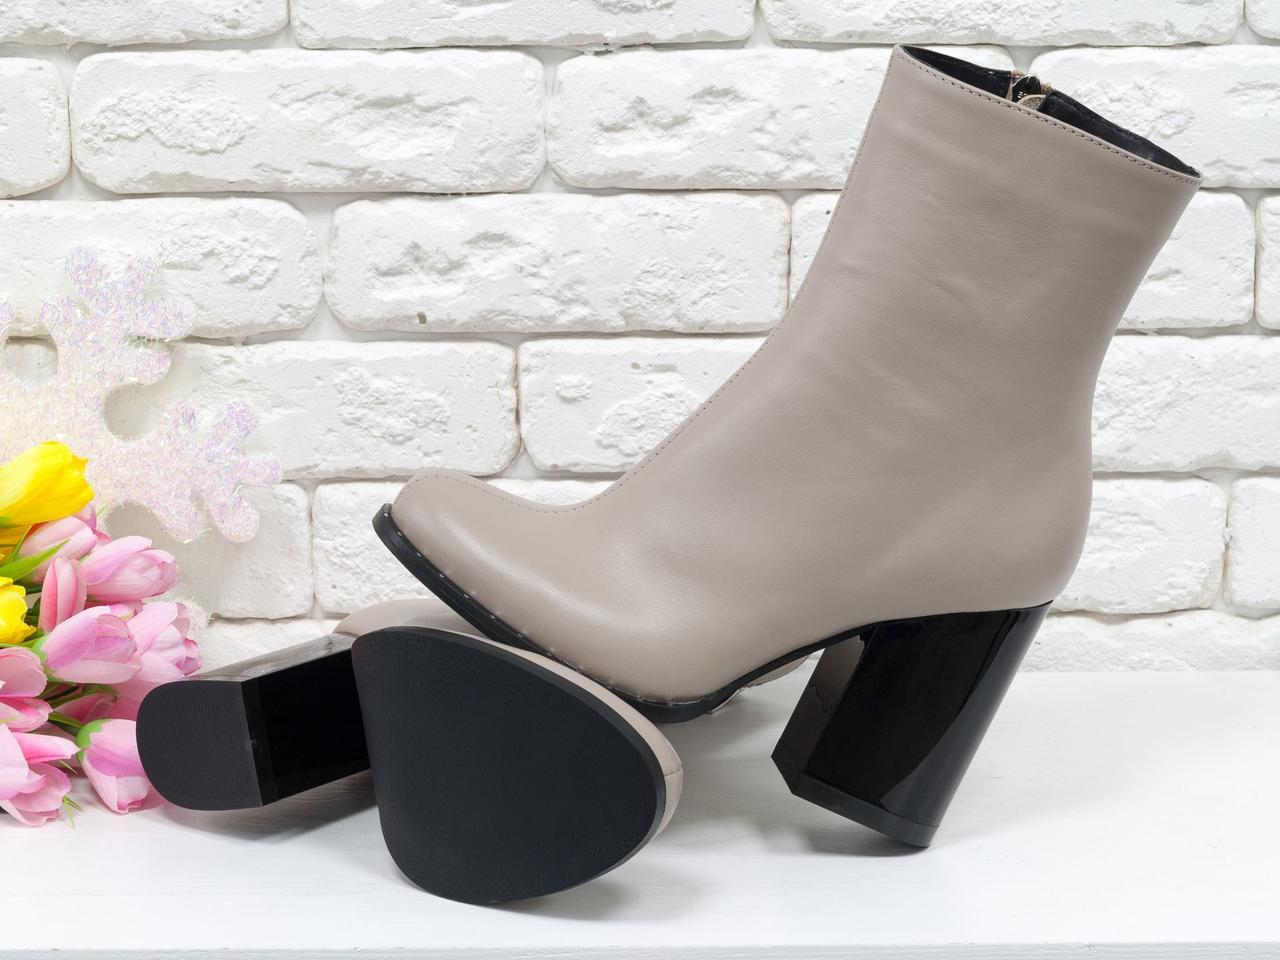 Ботинки стильные кожные бежевые на устойчивом глянцевом каблуке.